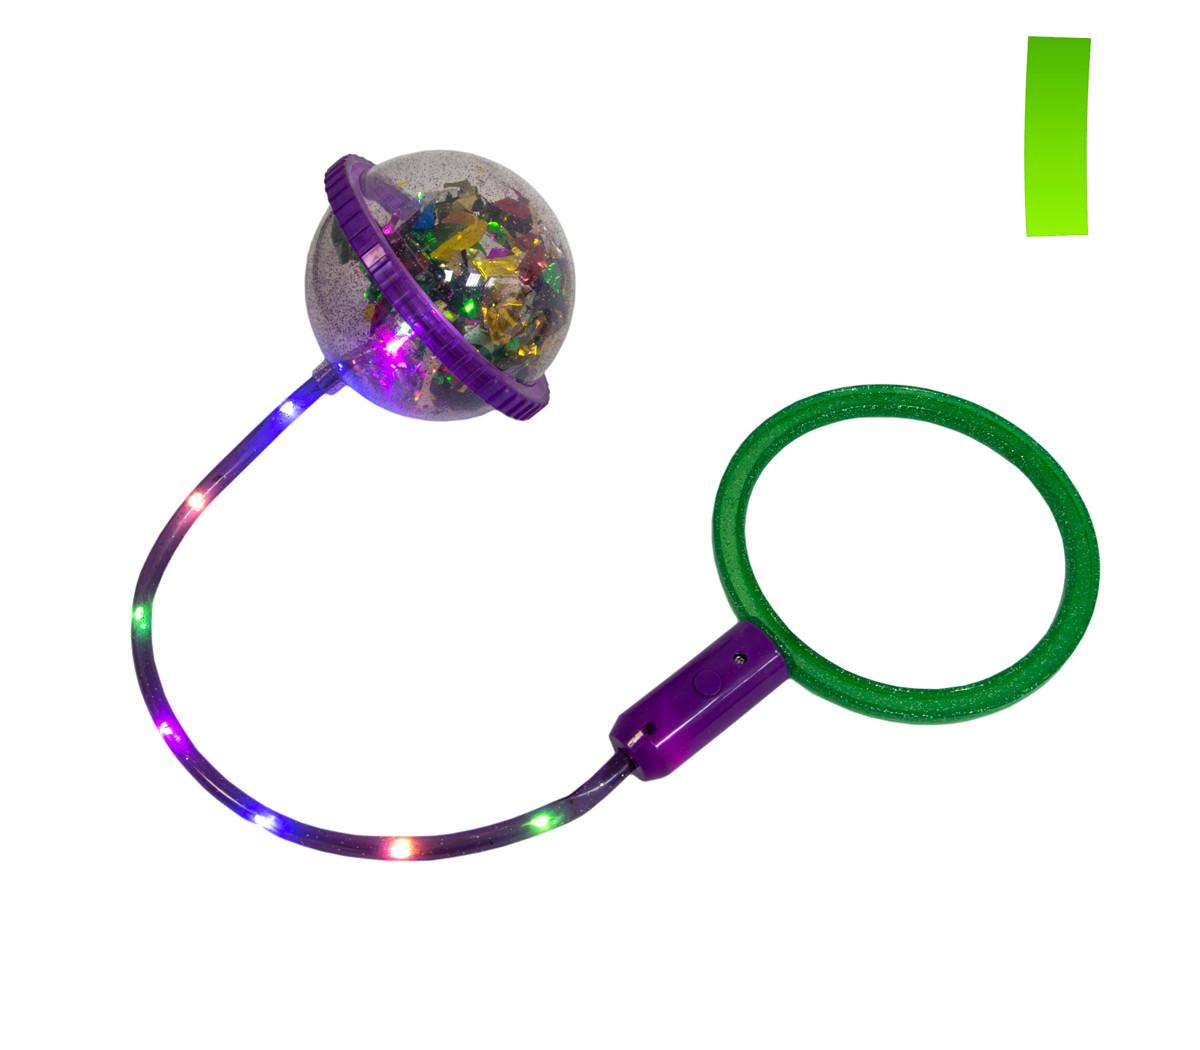 Светящаяся скакалка на одну ногу Ice Hoop (Фиолетовое кольцо и Зеленый круг №1), нейроскакалка (ST)